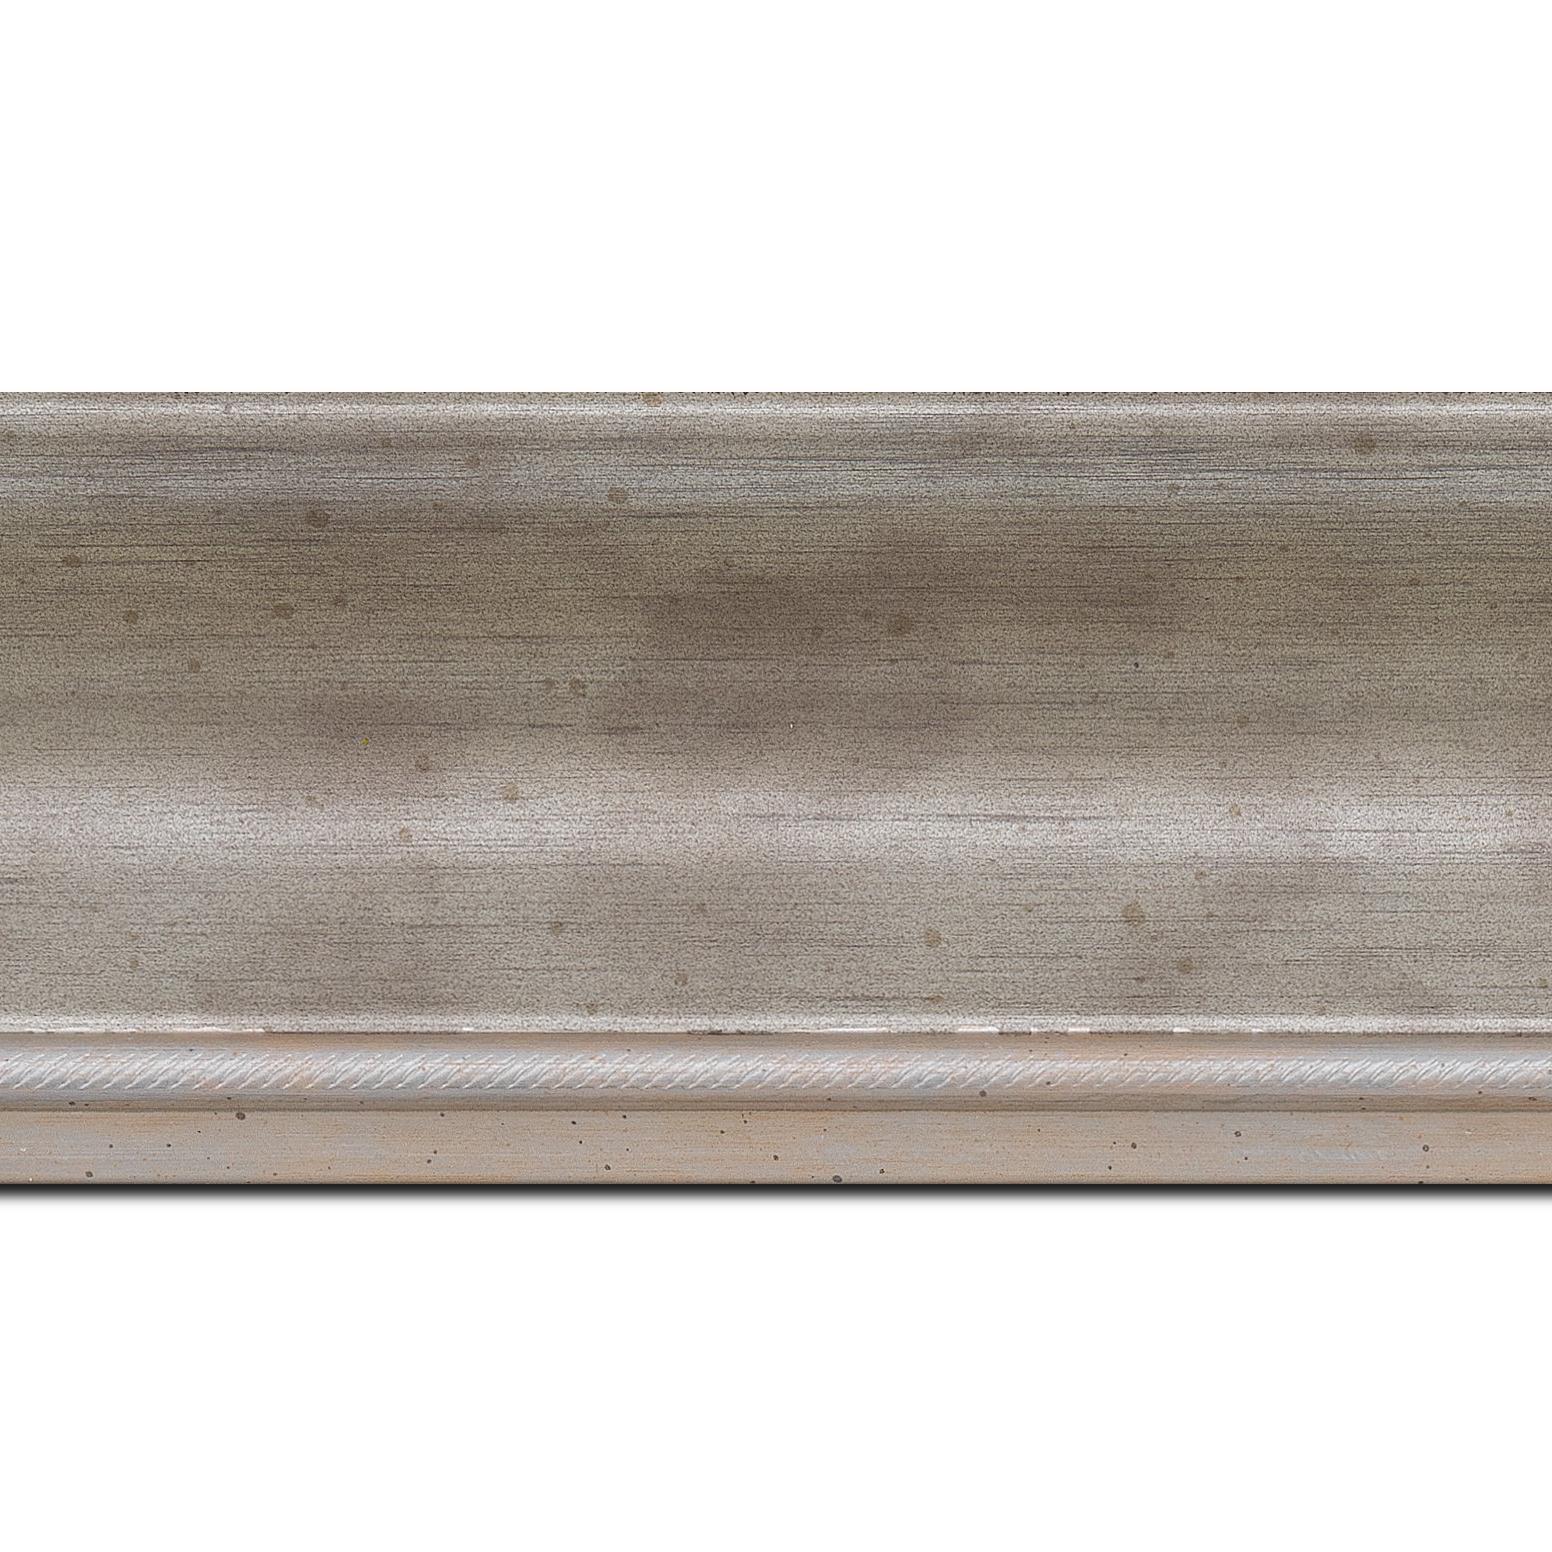 Pack par 12m, bois profil incurvé largeur 7.5cm de couleur argent finition antique filet argent vermeille(longueur baguette pouvant varier entre 2.40m et 3m selon arrivage des bois)